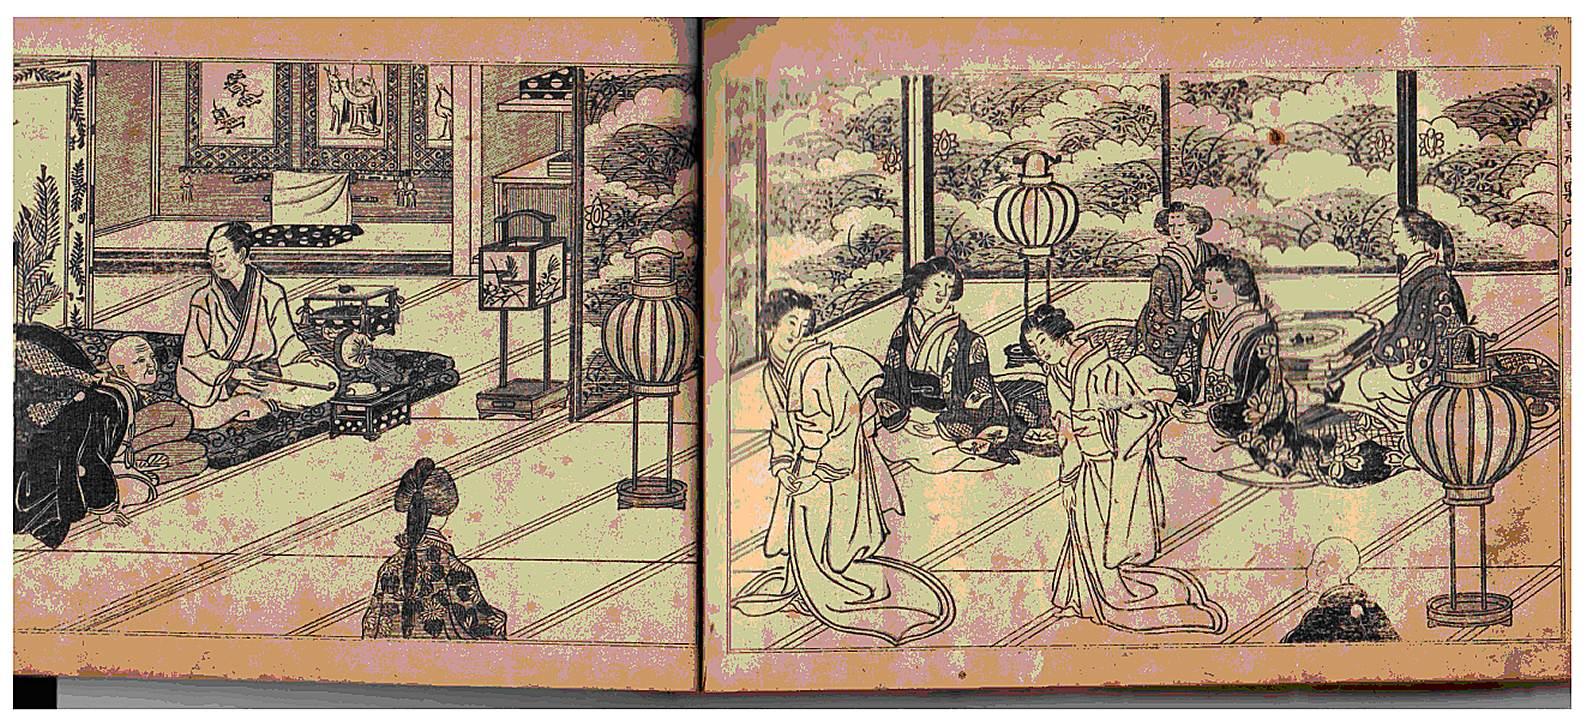 鏡開きの日にちはいつ?意味と由来とは?関東・関西で違う?のサムネイル画像